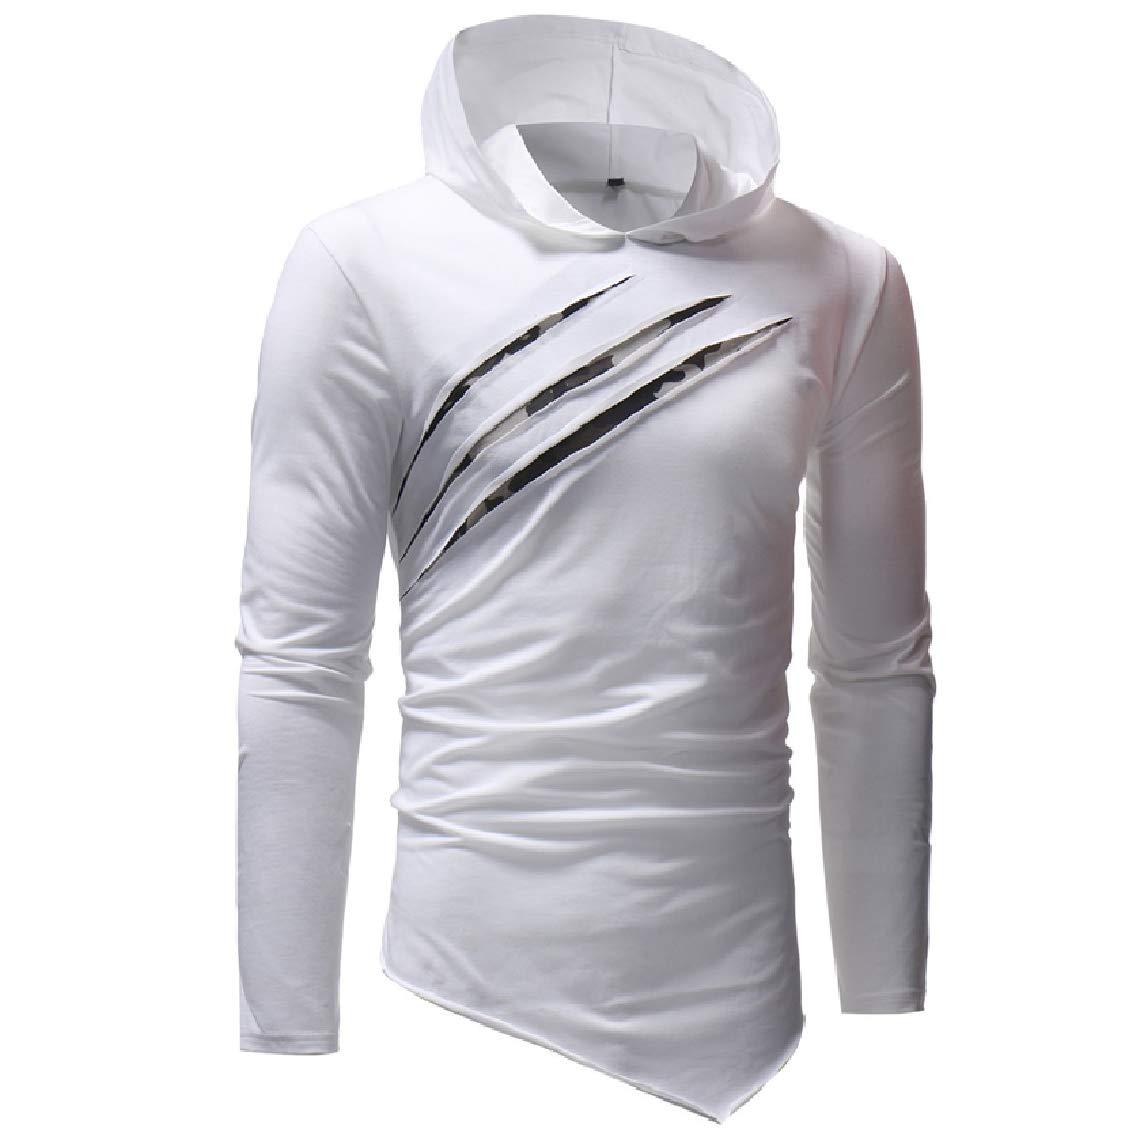 GodeyesMen Splicing Hood Spring//Autumn Causal Pullover Long Sleeve T-Shirt